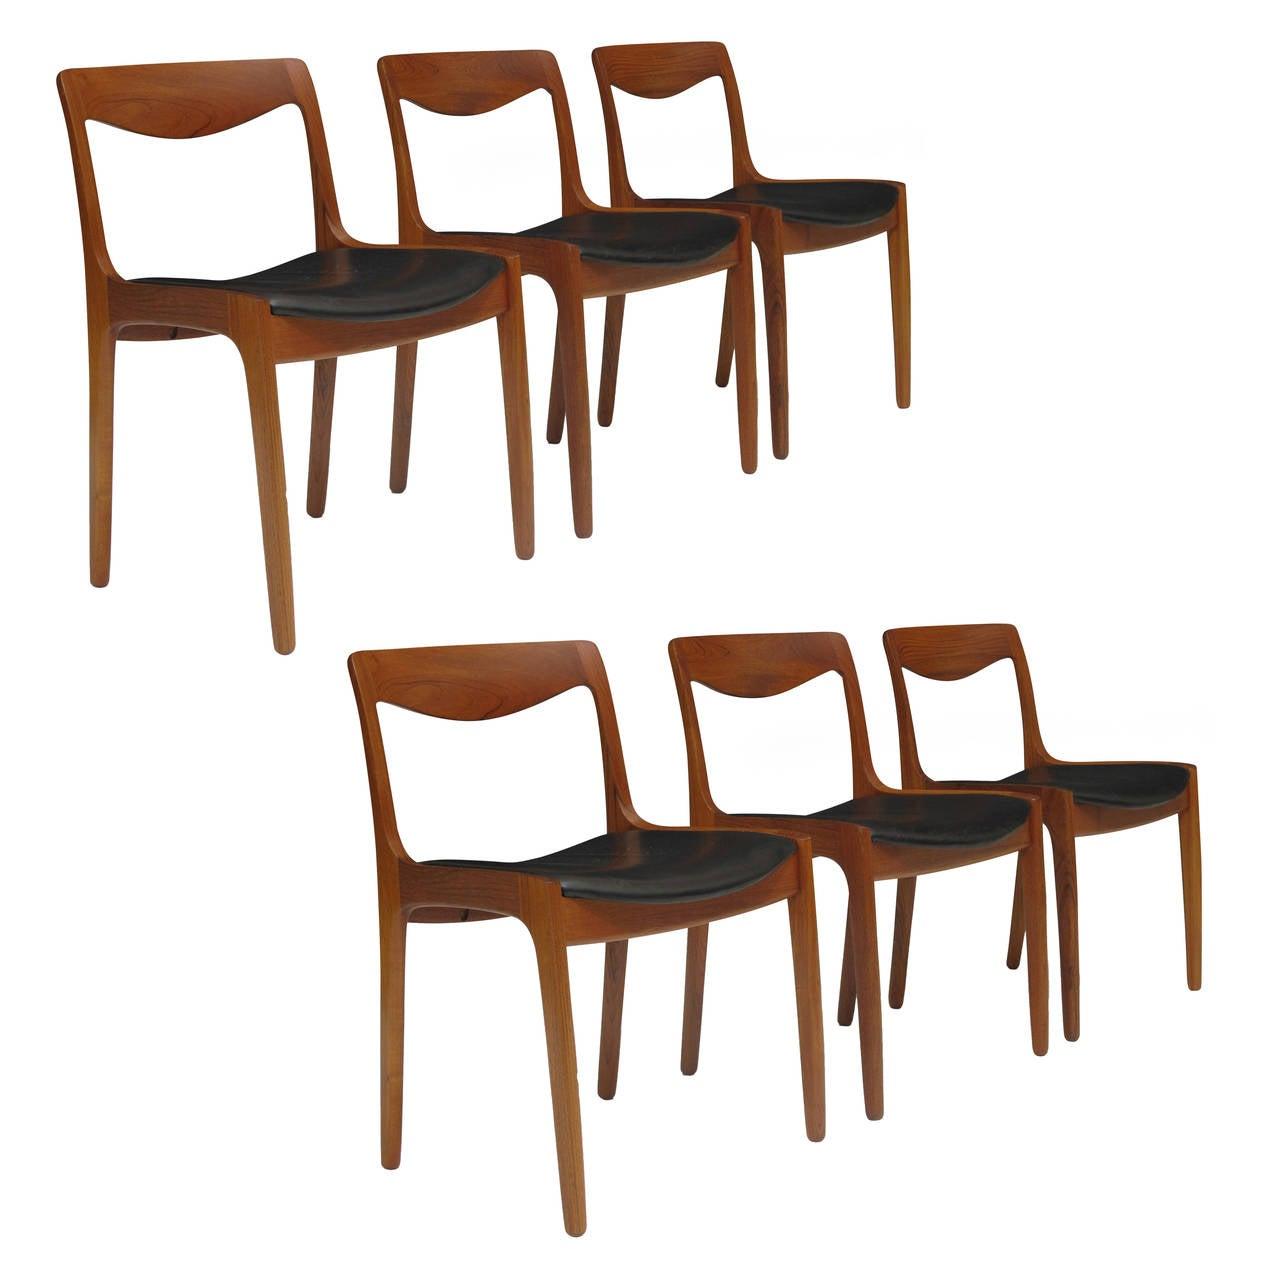 Vilhelm wohlert for p jeppesen danish teak dining chairs for P jeppesen furniture